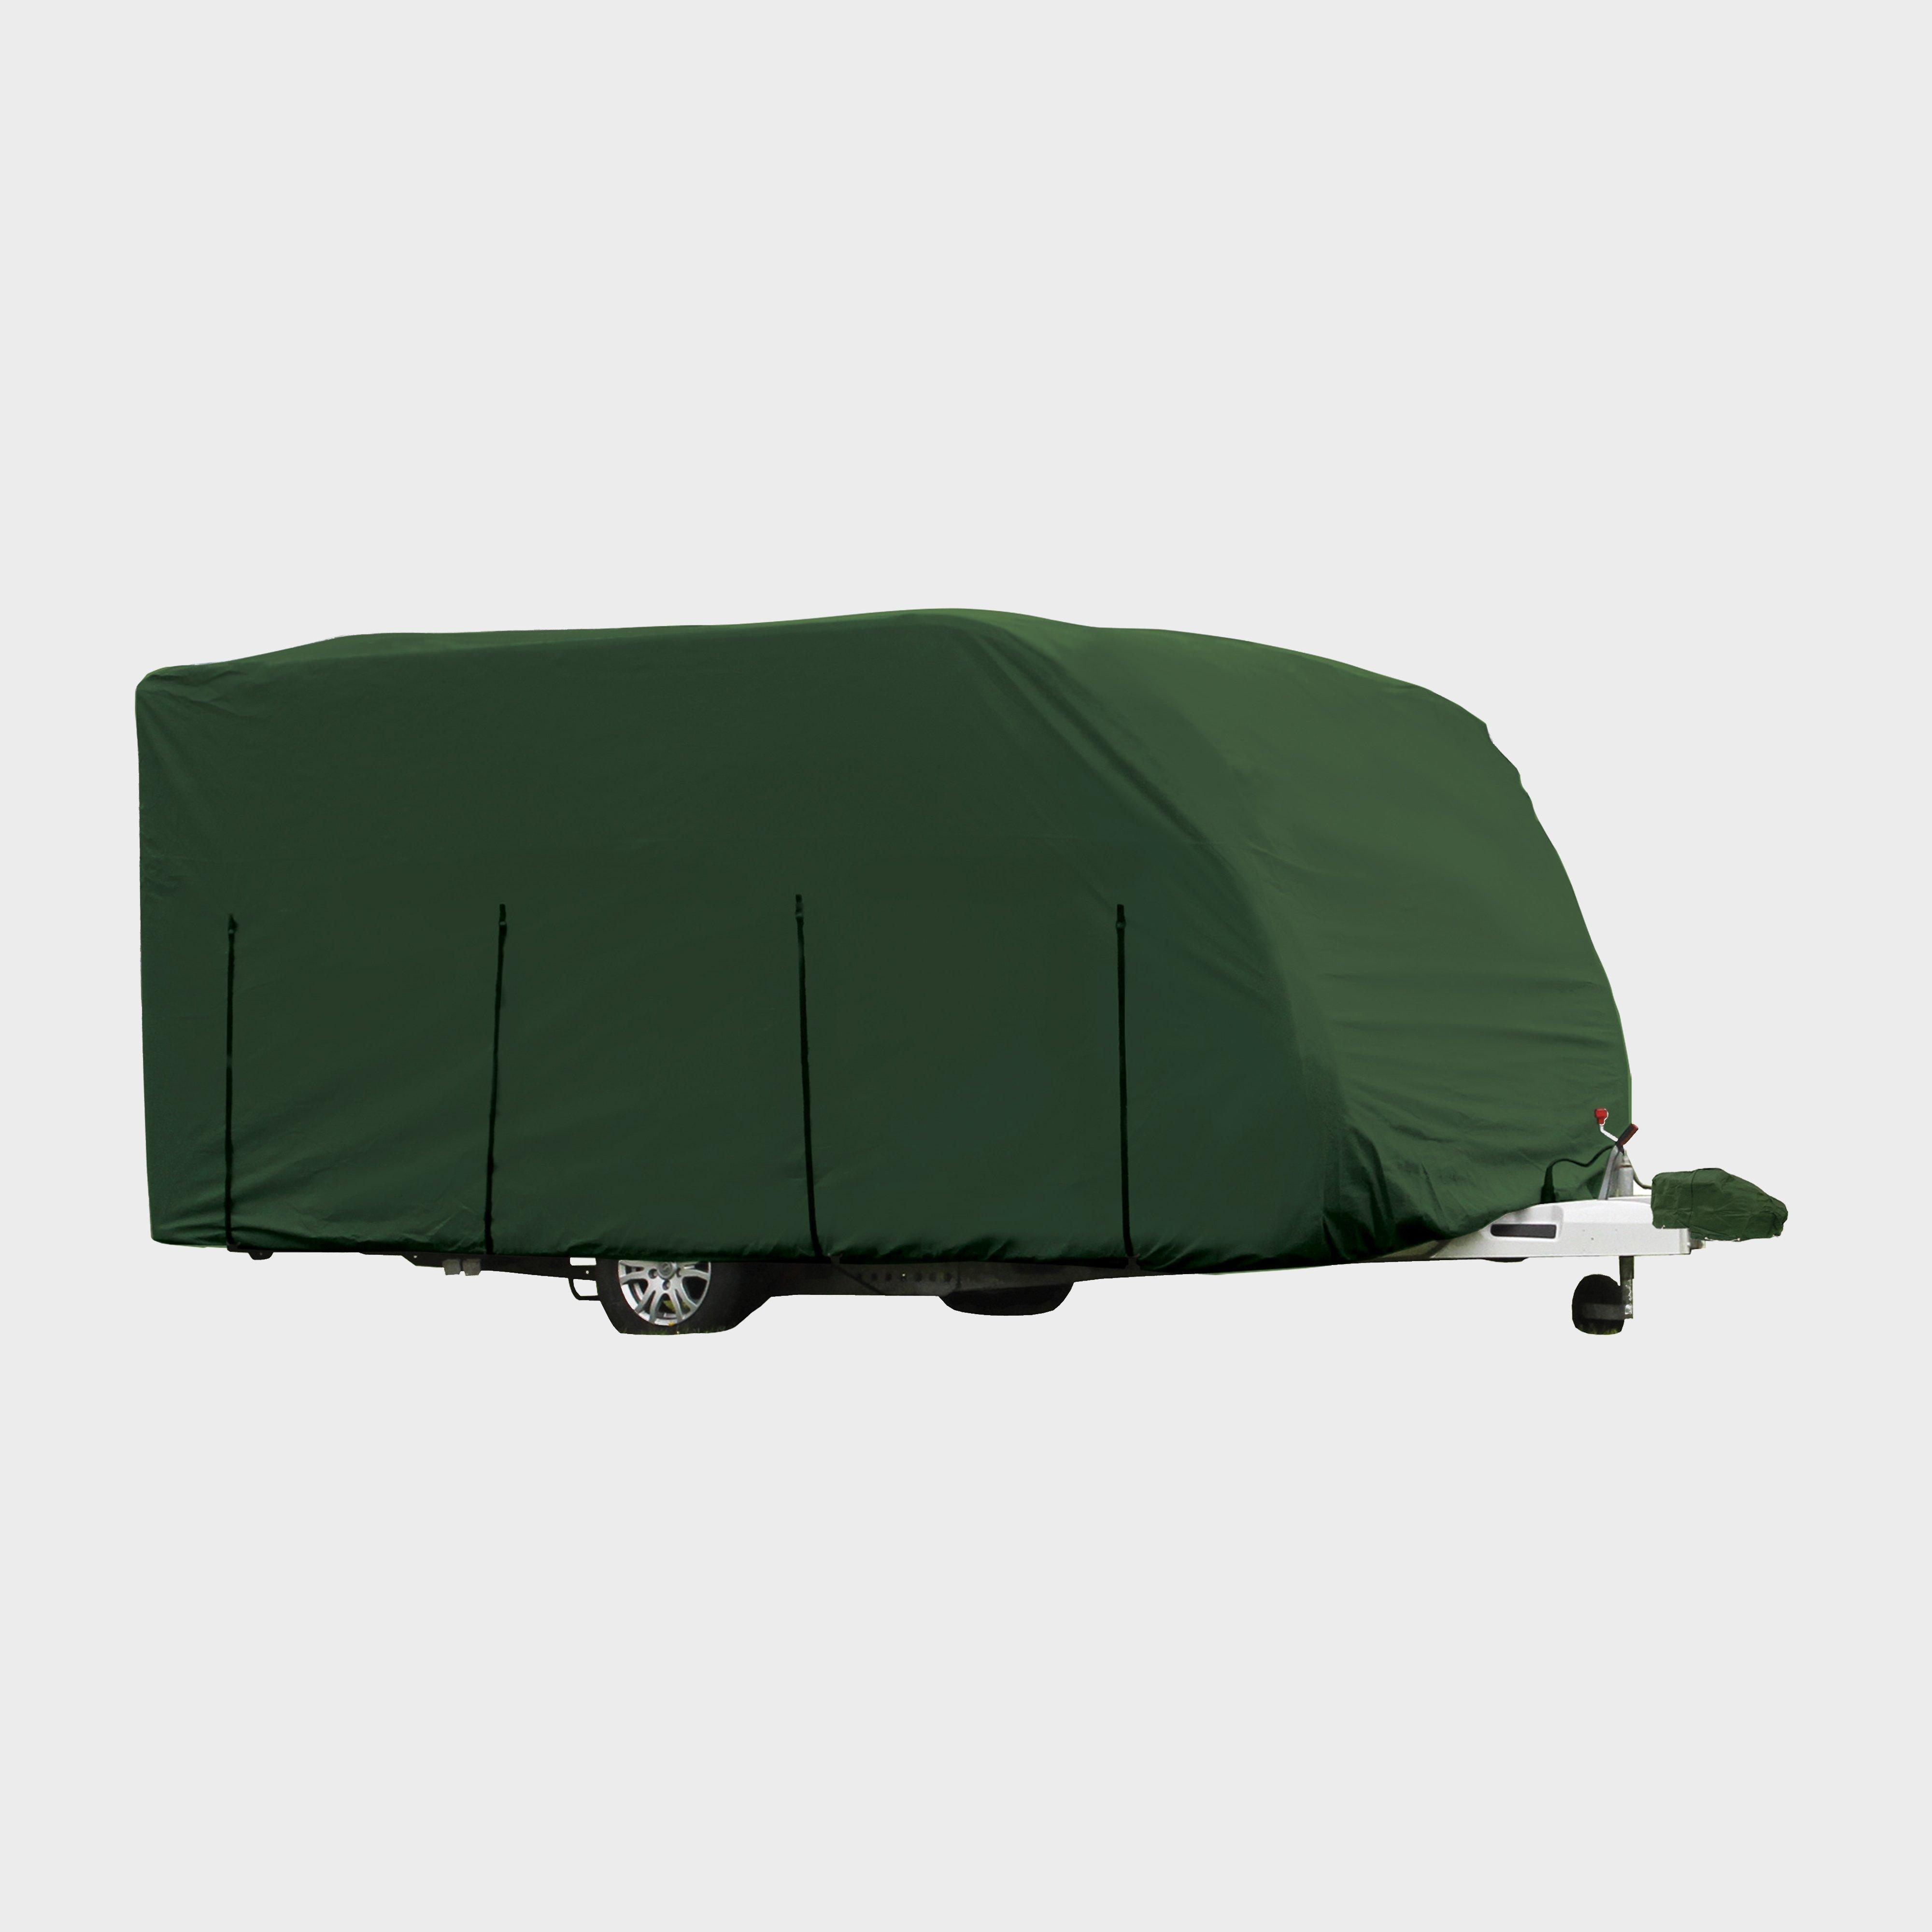 Quest Caravan Cover Pro Xxlarge (630-690Cm) - Green, Green